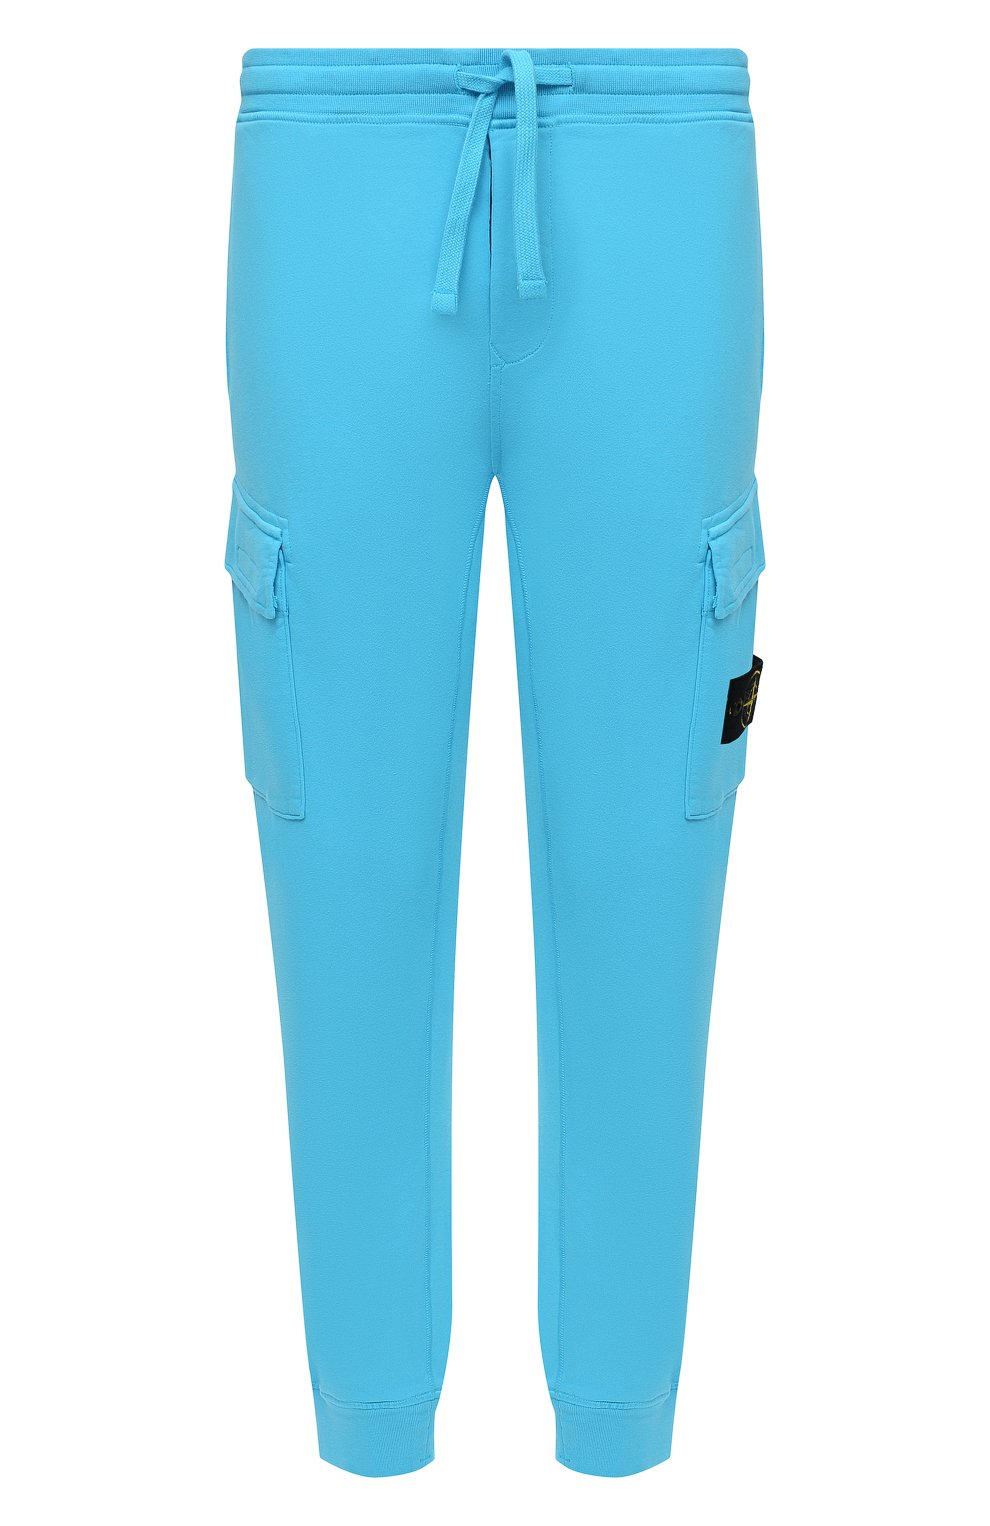 Мужские хлопковые джоггеры STONE ISLAND бирюзового цвета, арт. 741565251   Фото 1 (Мужское Кросс-КТ: Брюки-трикотаж; Длина (брюки, джинсы): Стандартные; Материал внешний: Хлопок; Стили: Спорт-шик; Силуэт М (брюки): Джоггеры)